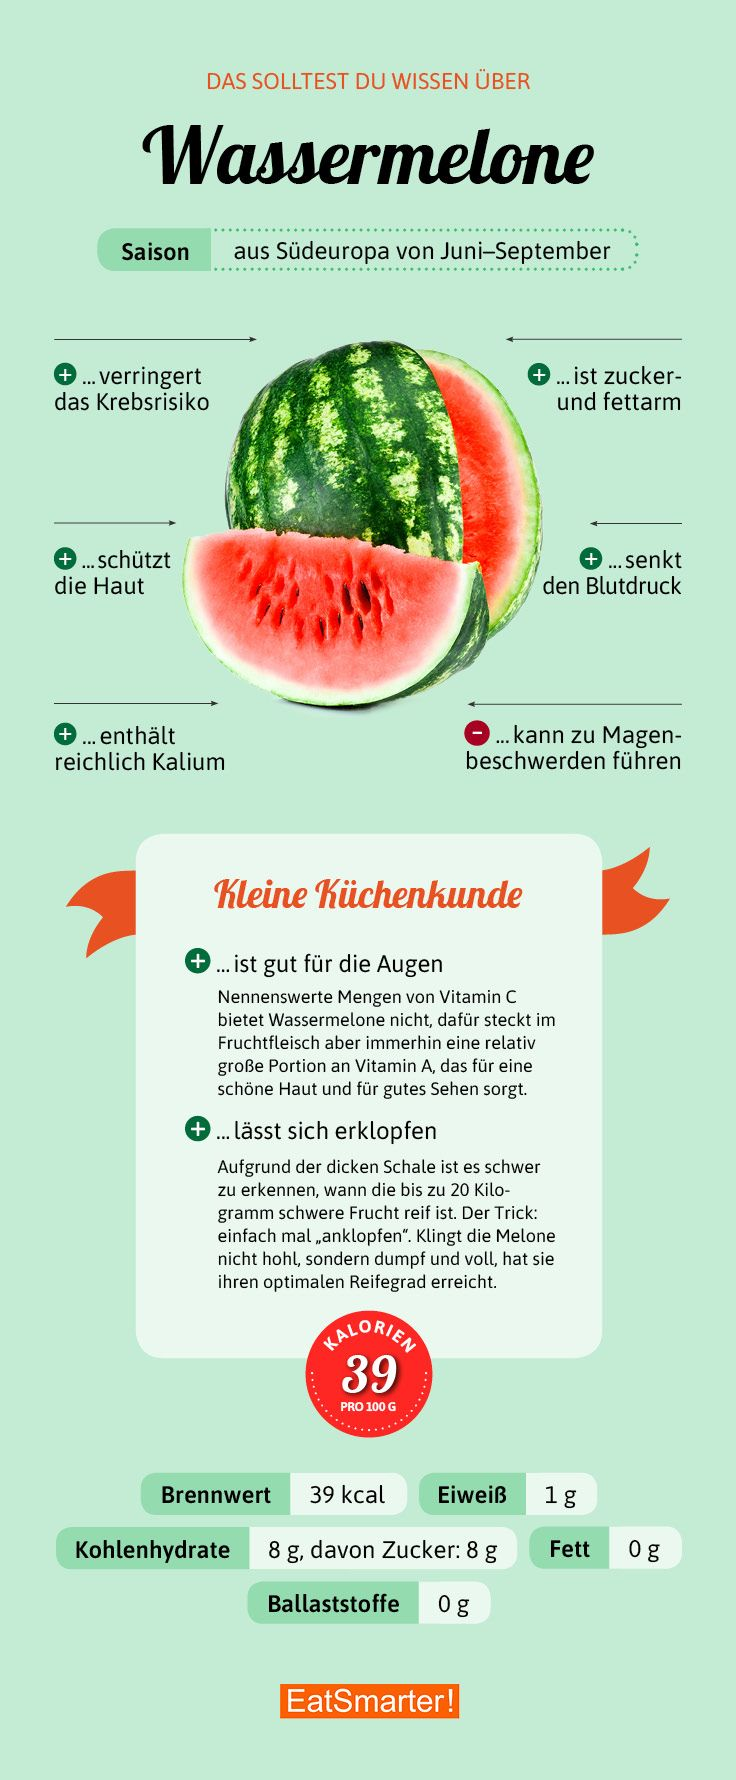 Wassermelone – EAT SMARTER